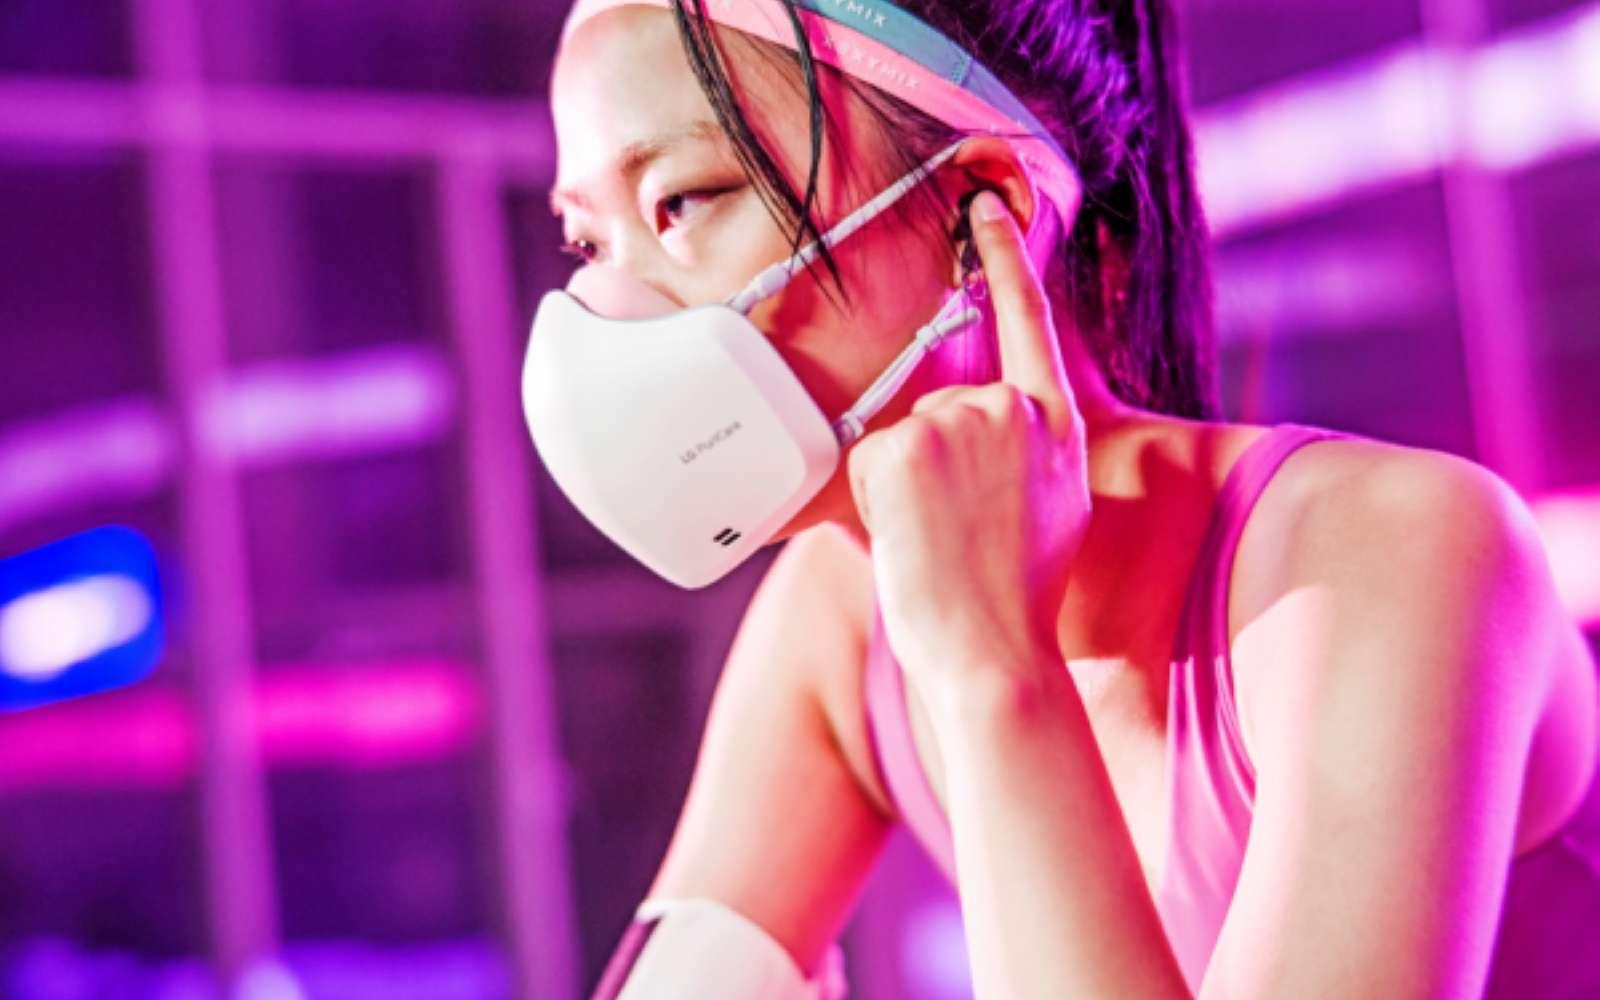 Avec son système de filtration active, le masque de LG a une autonomie de huit heures. © LG